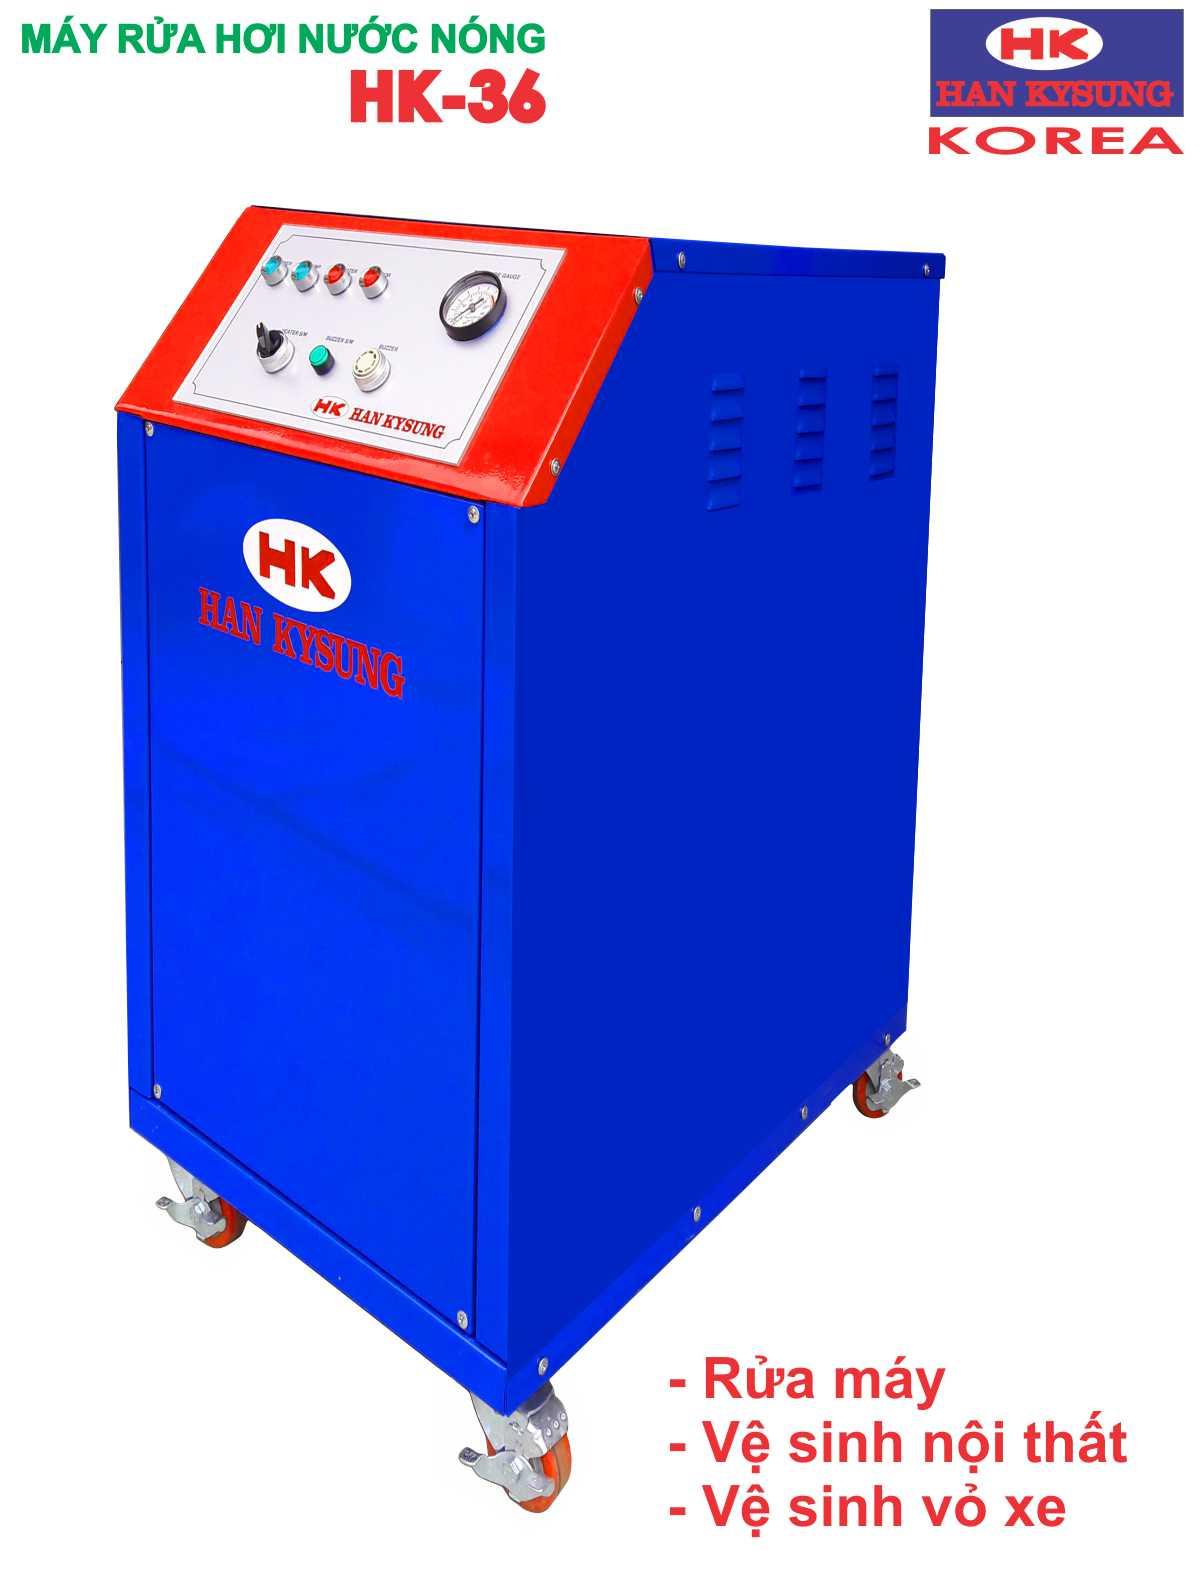 Máy rửa hơi nước nóng công suất 36 kw, rửa máy bằng hơi nước